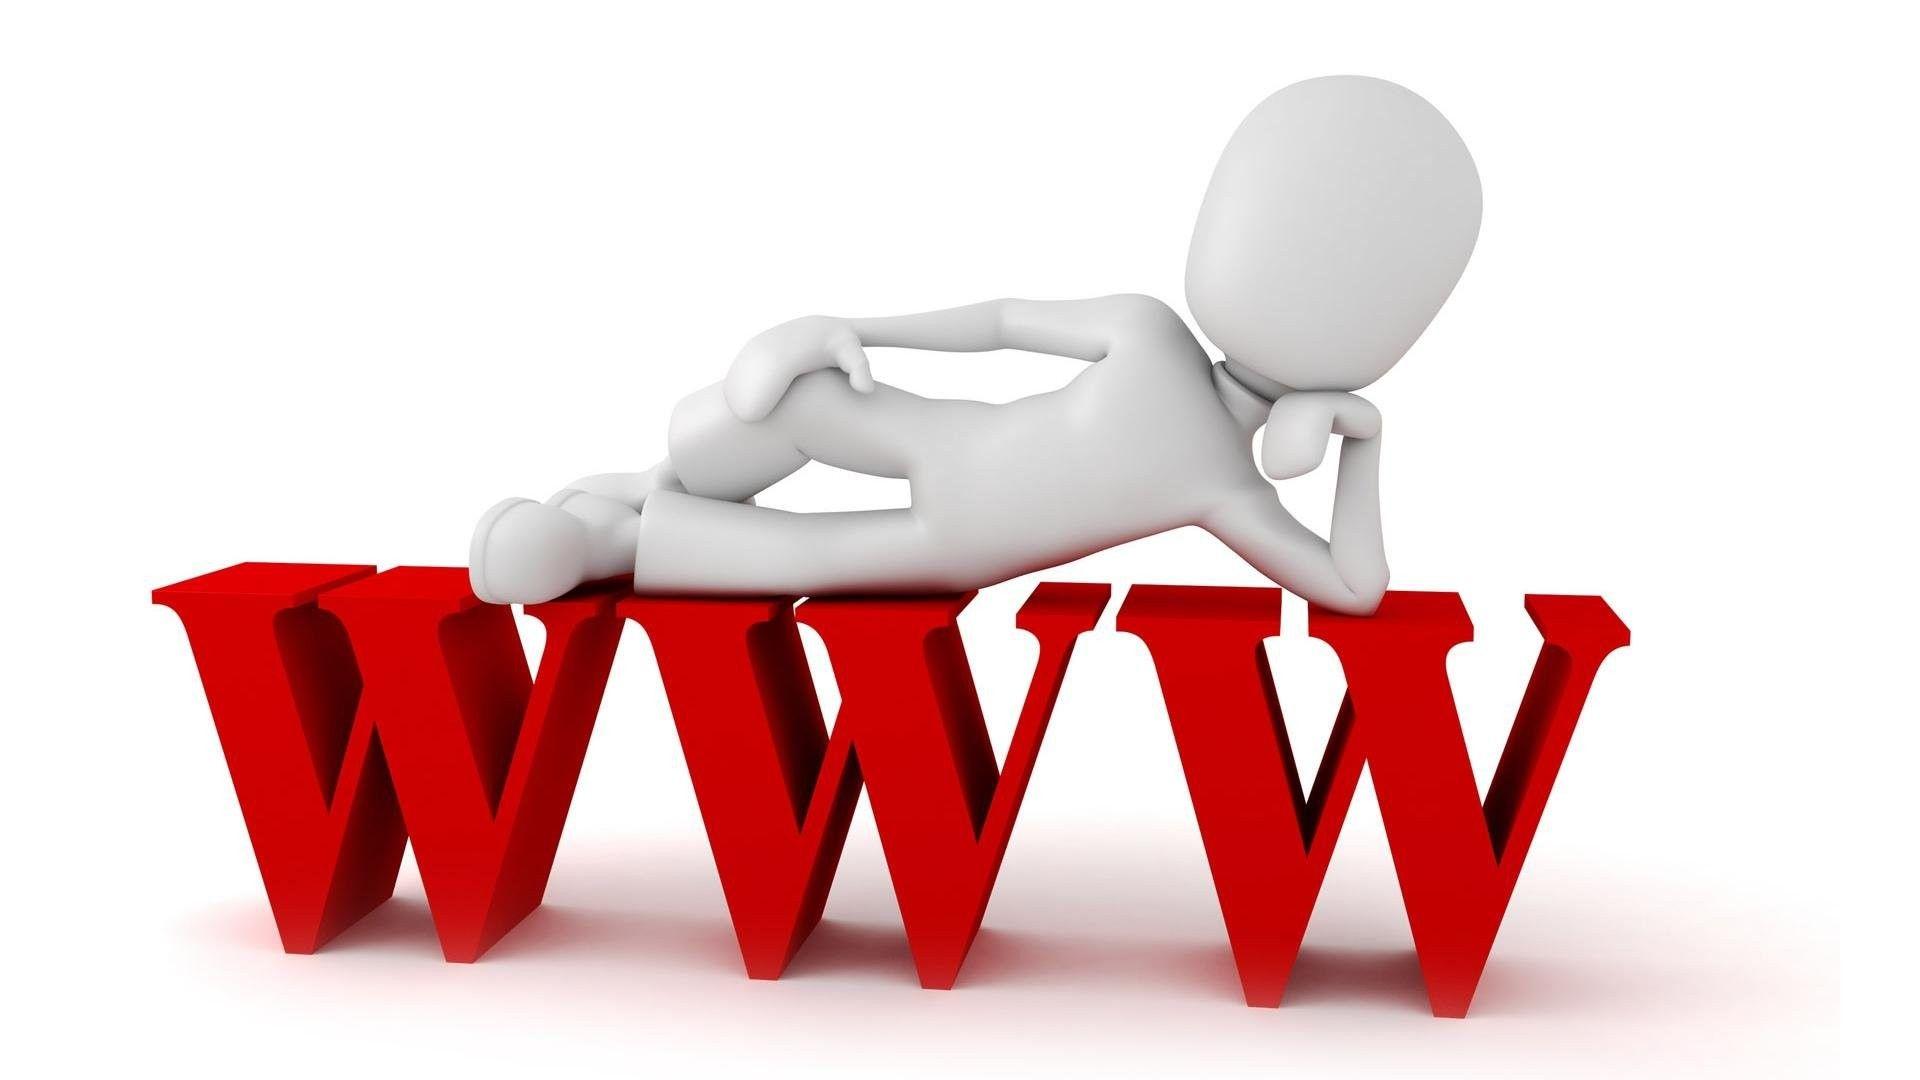 Чем опасно посещение порно сайтов